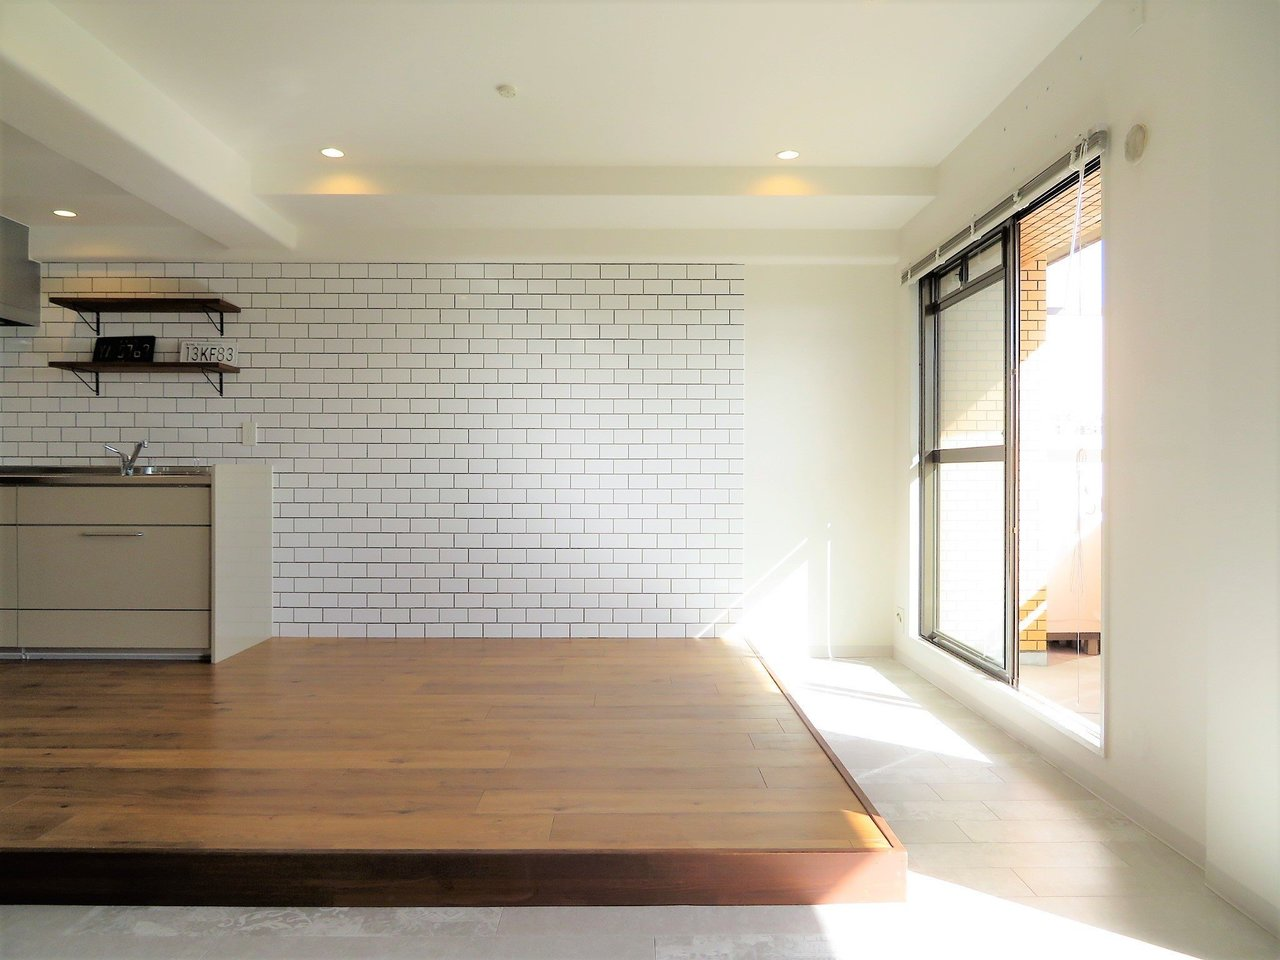 内装も、おしゃれなカフェ風にリノベーションされています。目を引くのはカフェ風のキッチンと、小上がり。アウトドアグッズや自転車などを室内に置いておきたい方にはうってつけです。この部分を面白い、と思える方に、ぜひ活用方法をお伺いしたい!